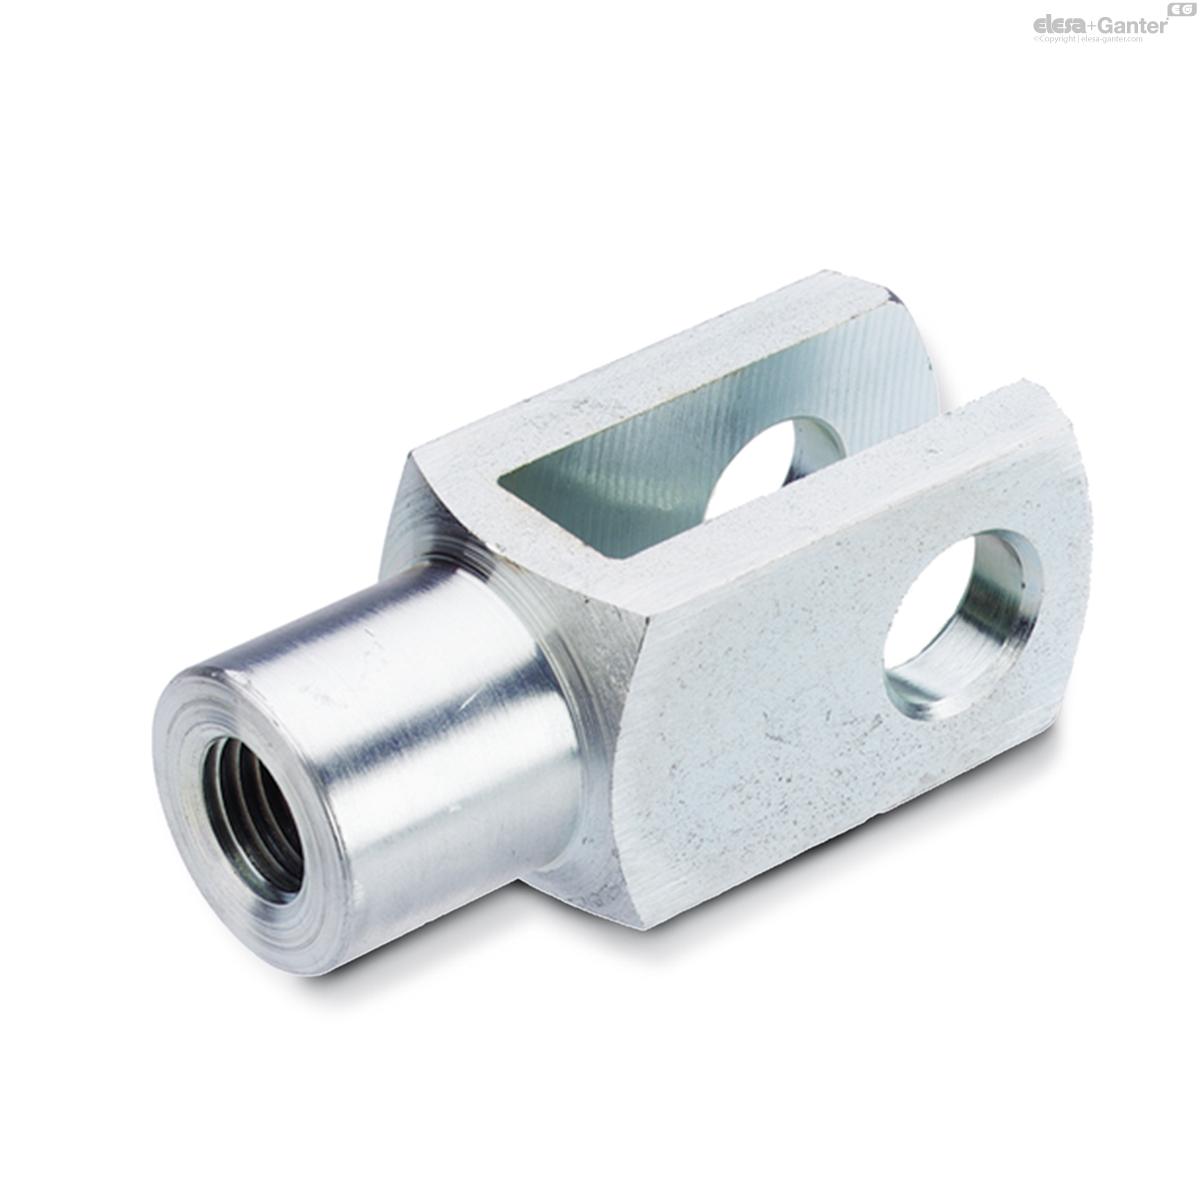 M6-M20 Gabelkopf für Luftzylinder Pneumatikzylinder